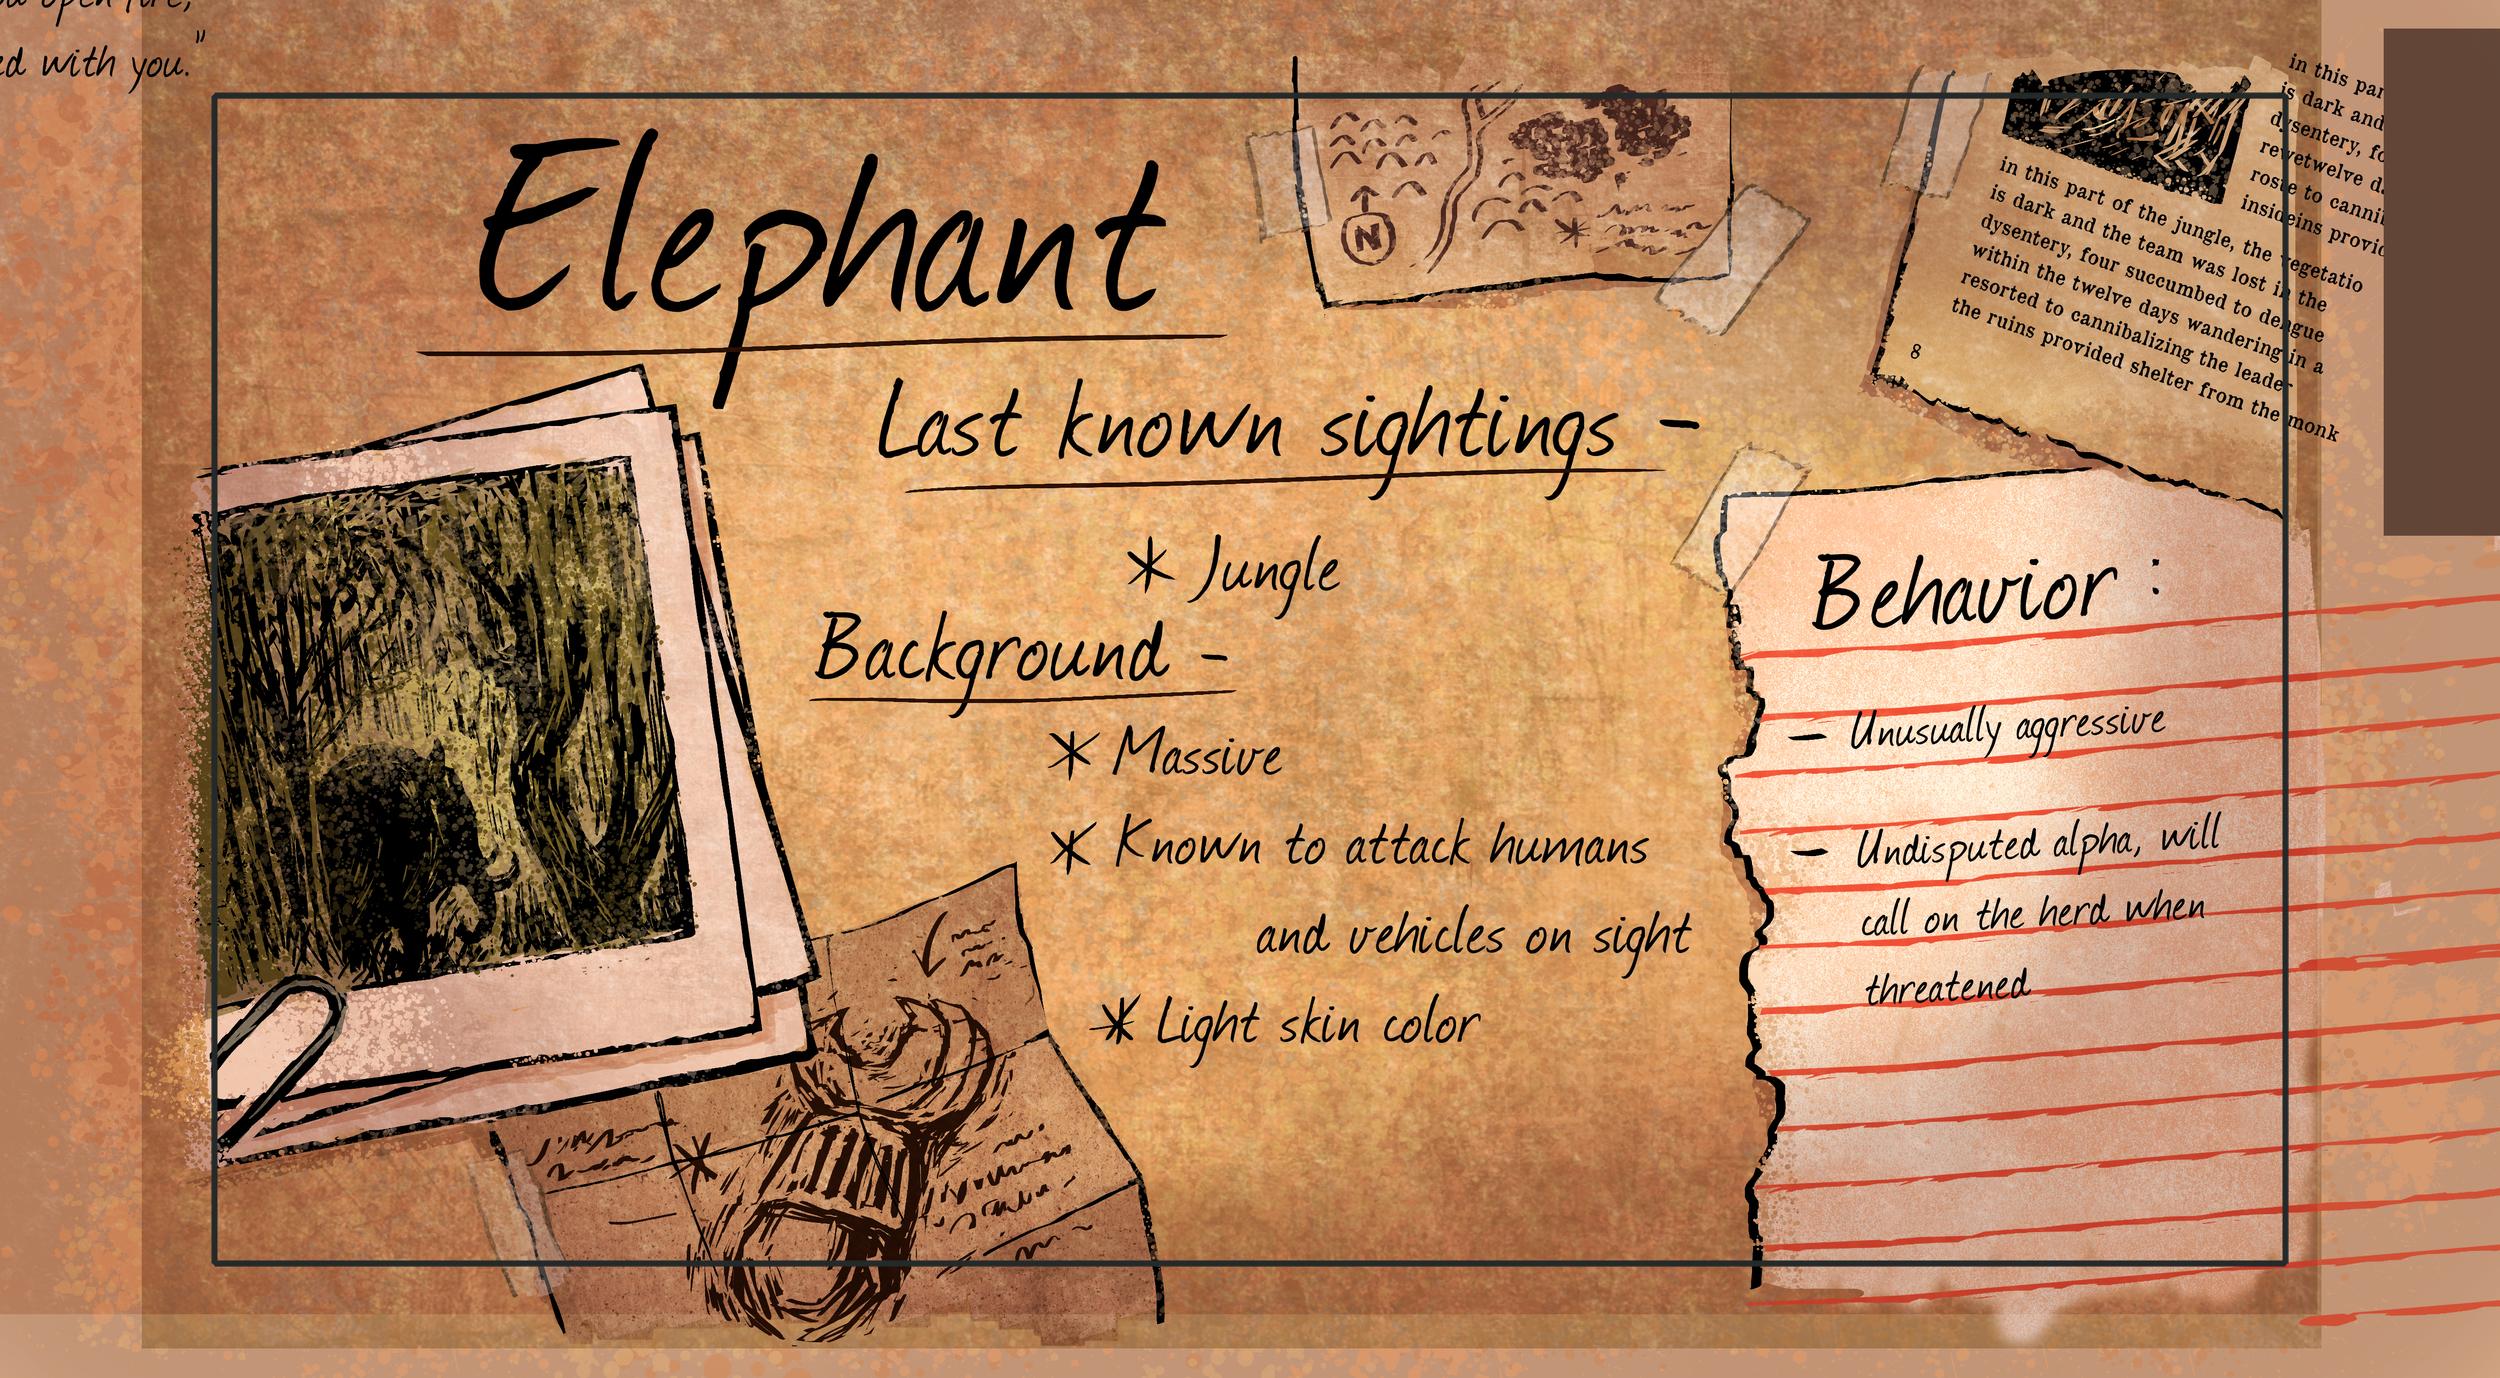 loadingelephant.jpg